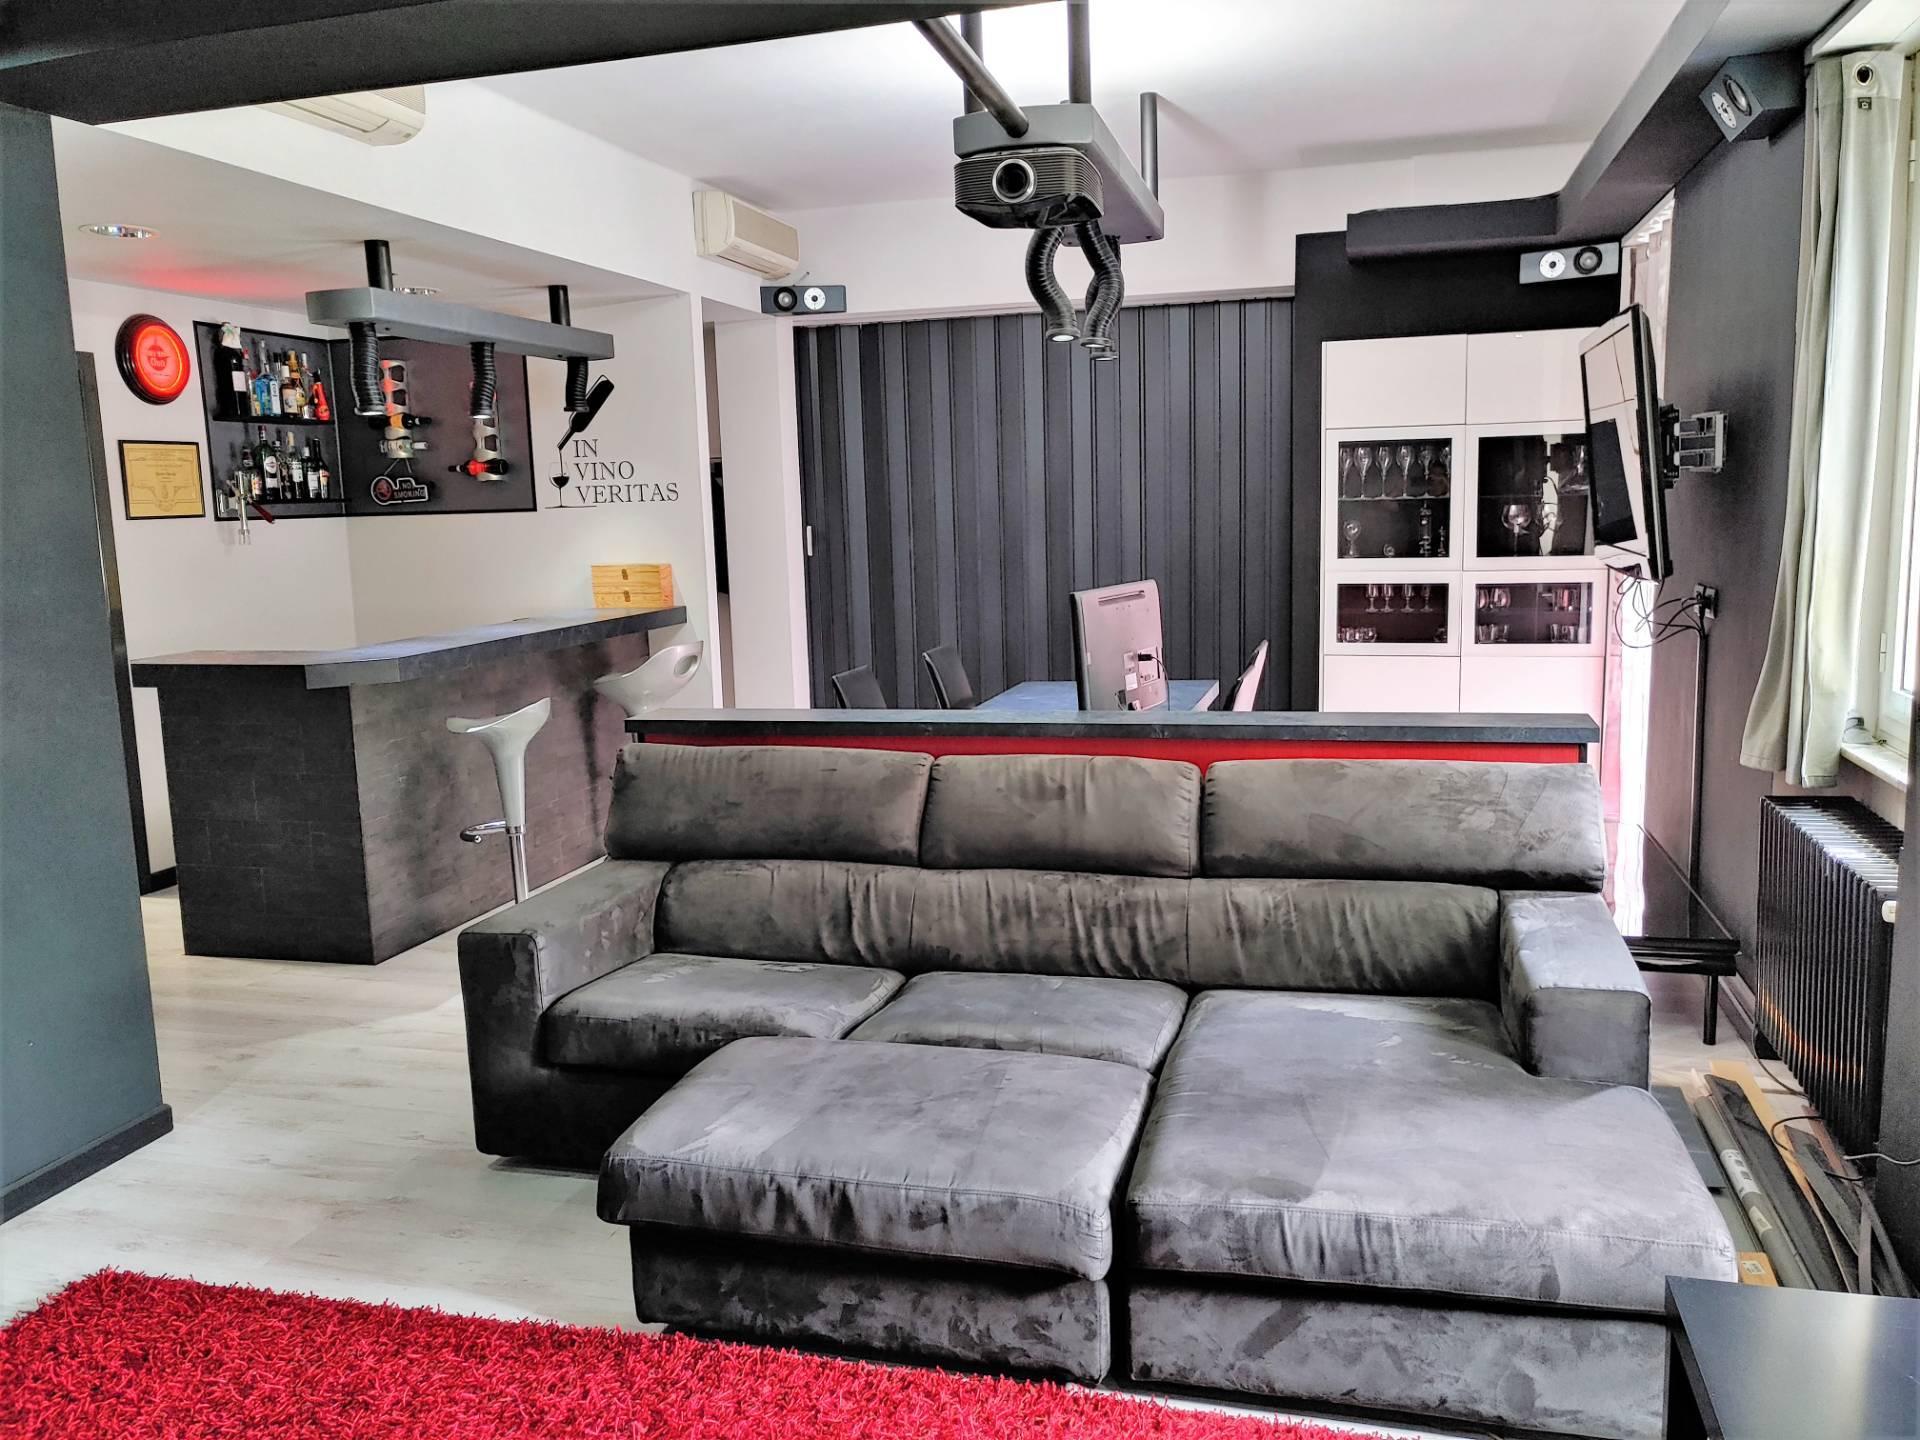 Appartamento in vendita a Alessandria, 4 locali, zona Località: Pista, prezzo € 125.000 | PortaleAgenzieImmobiliari.it